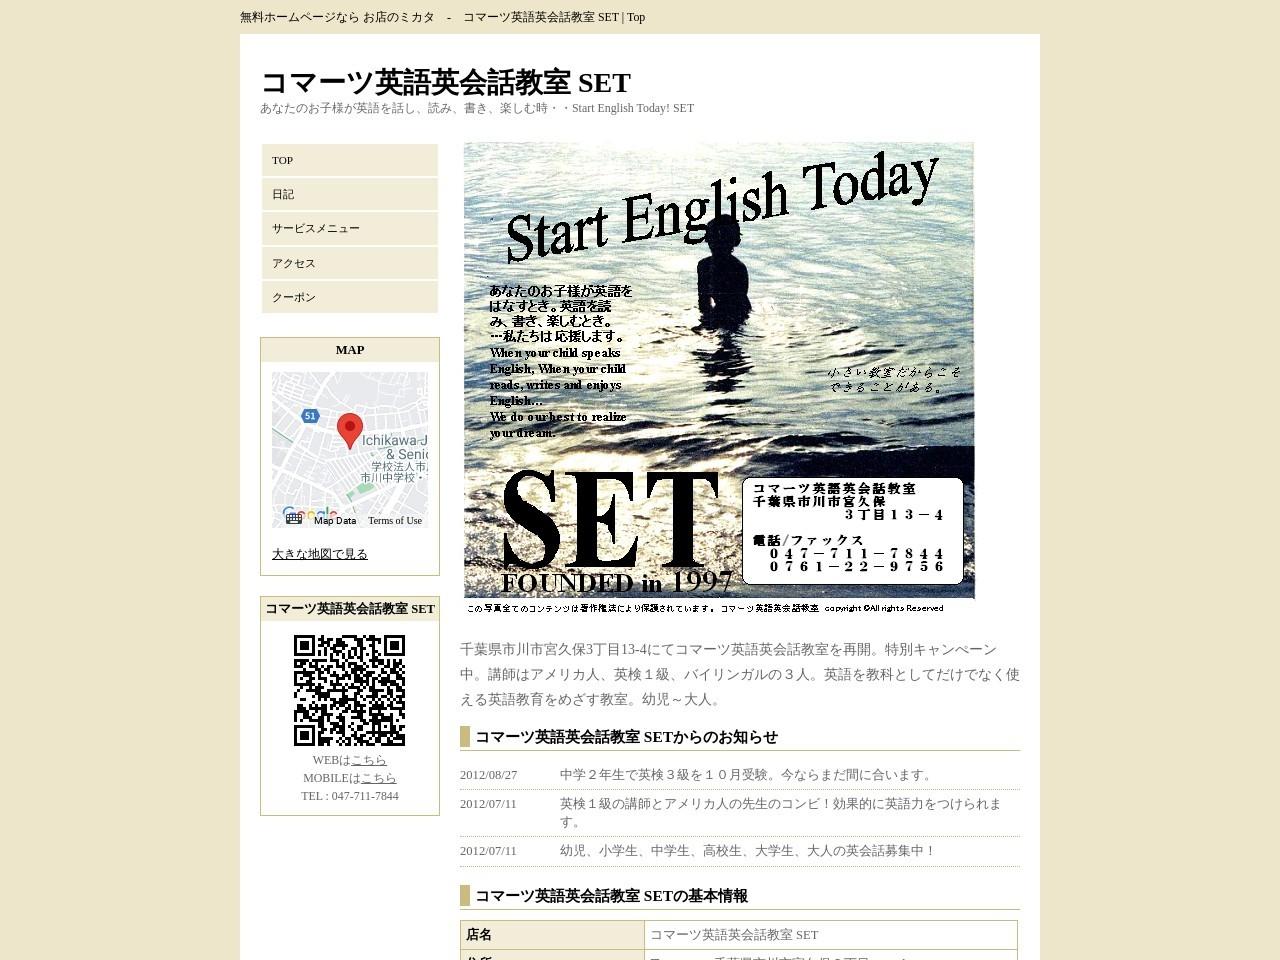 コマーツ英語英会話教室